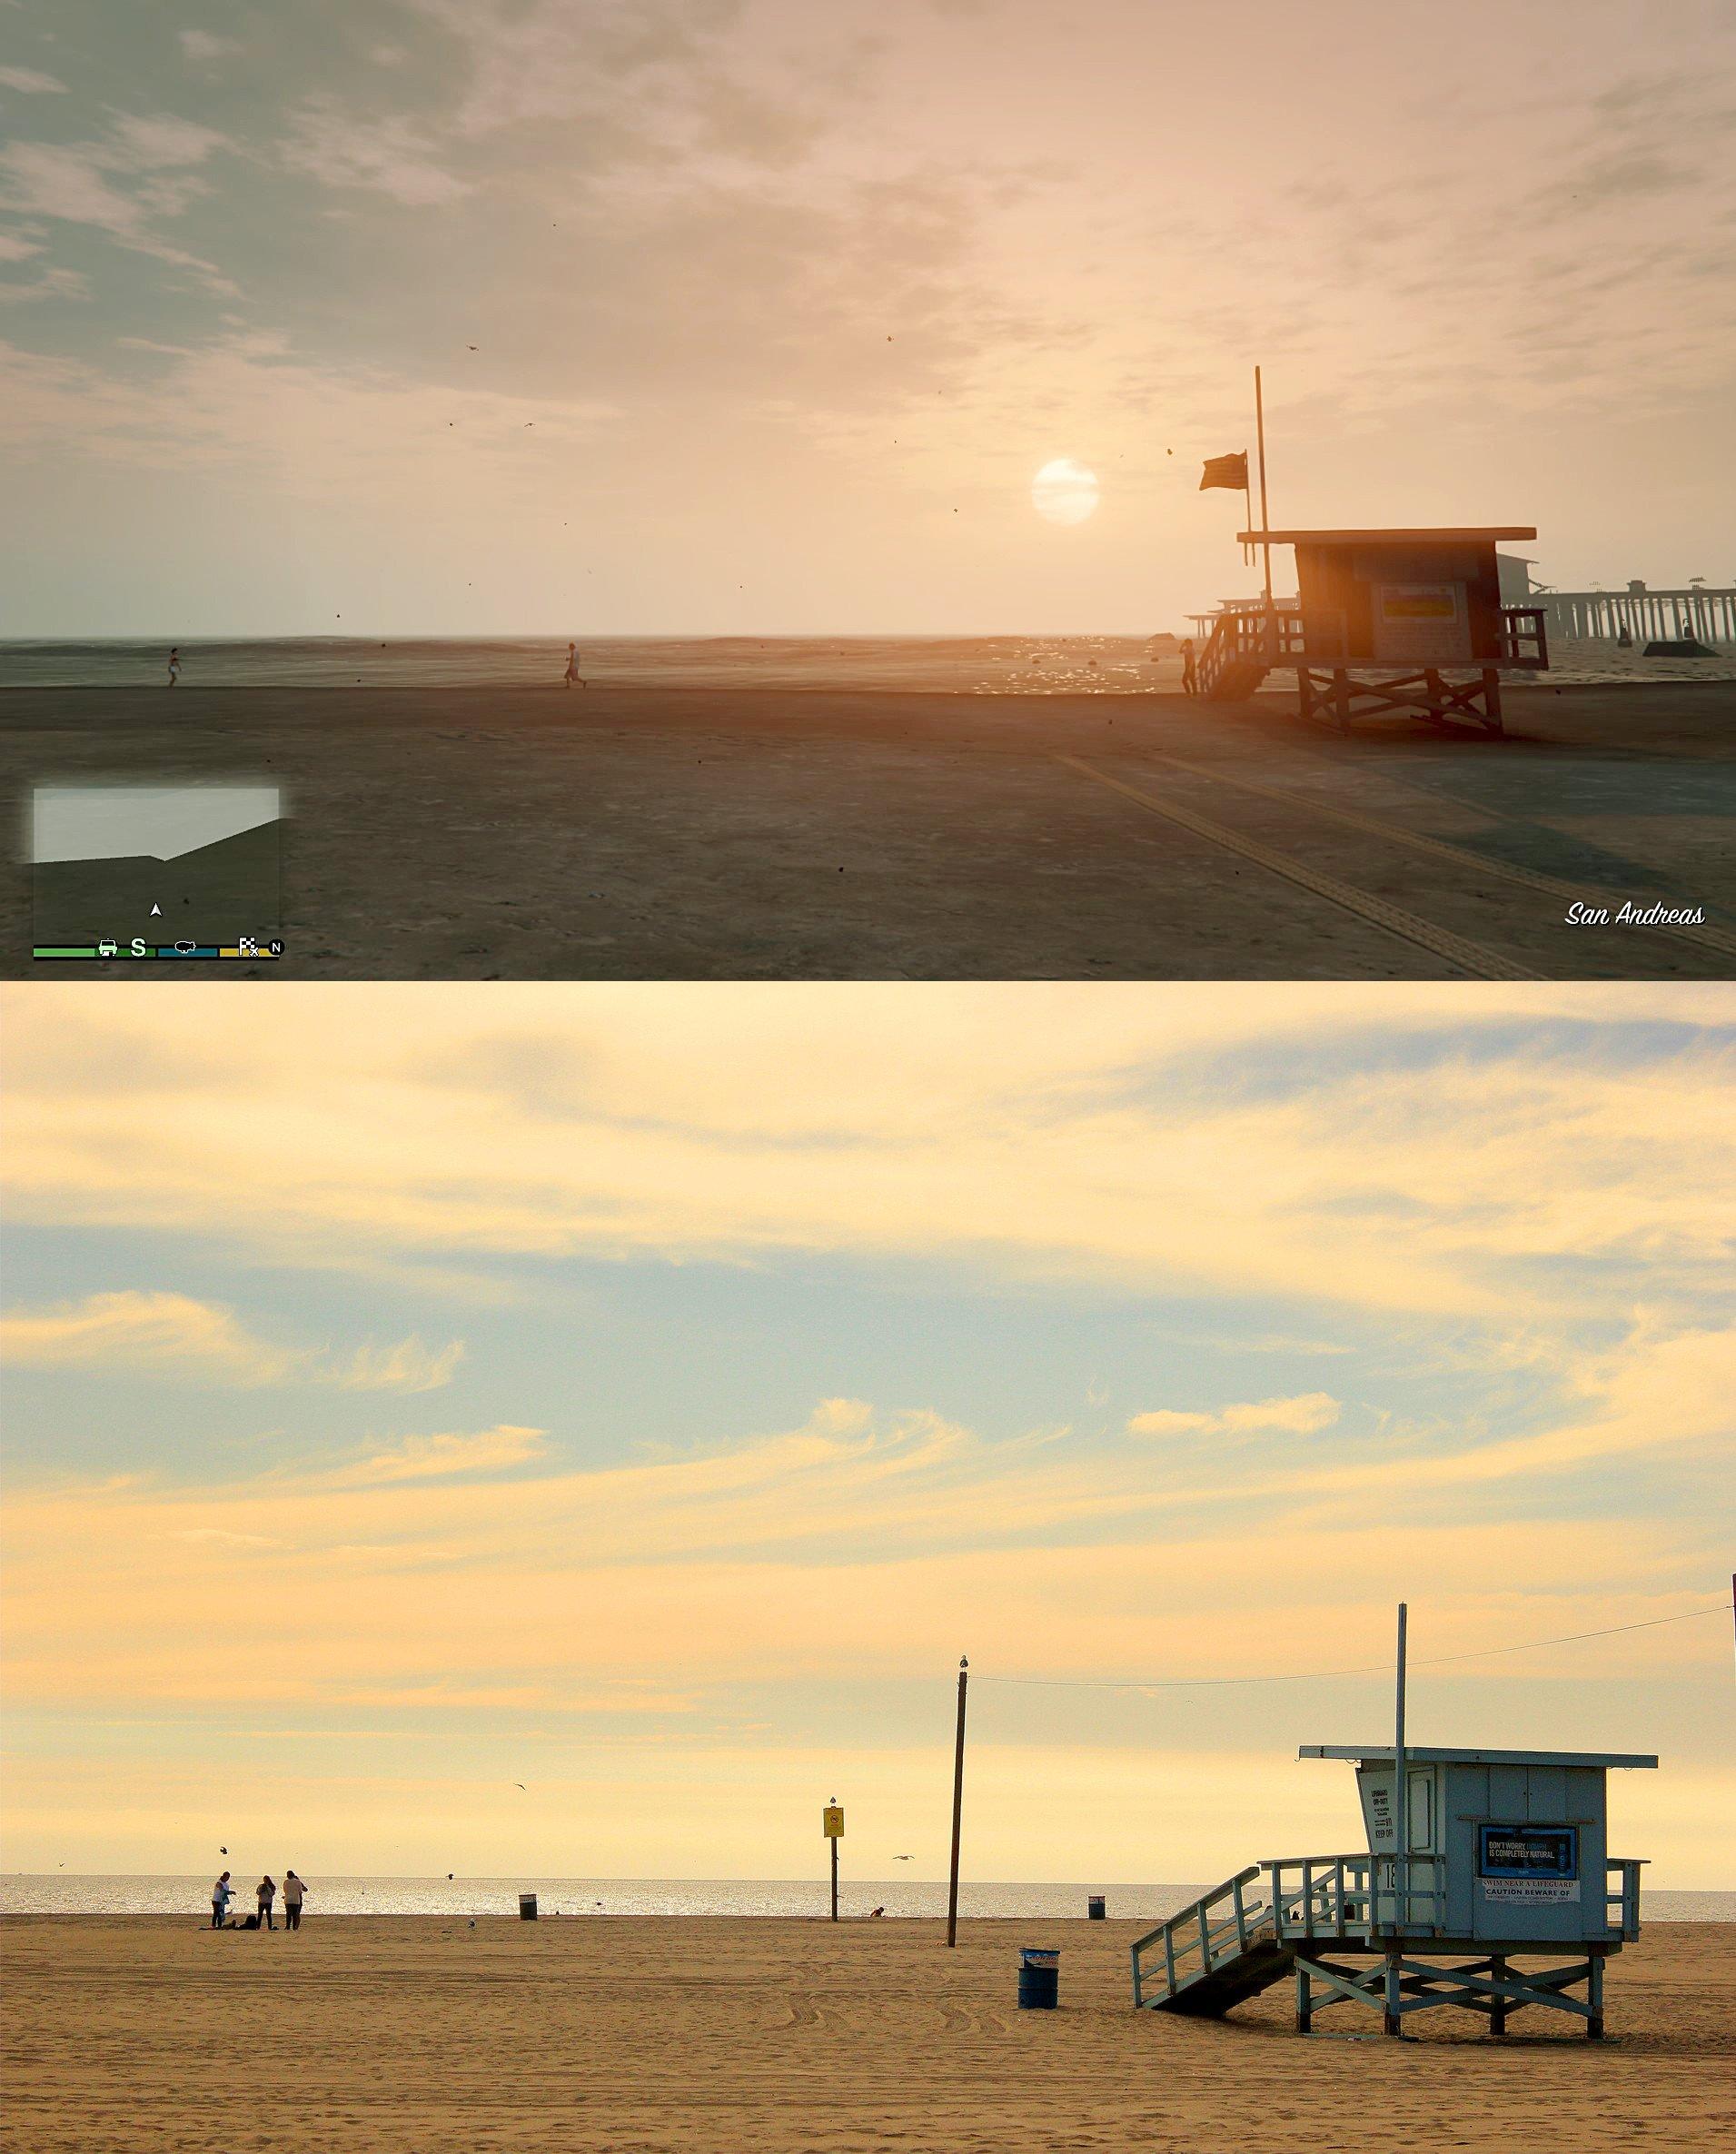 GTA V vs Реальность - Изображение 17